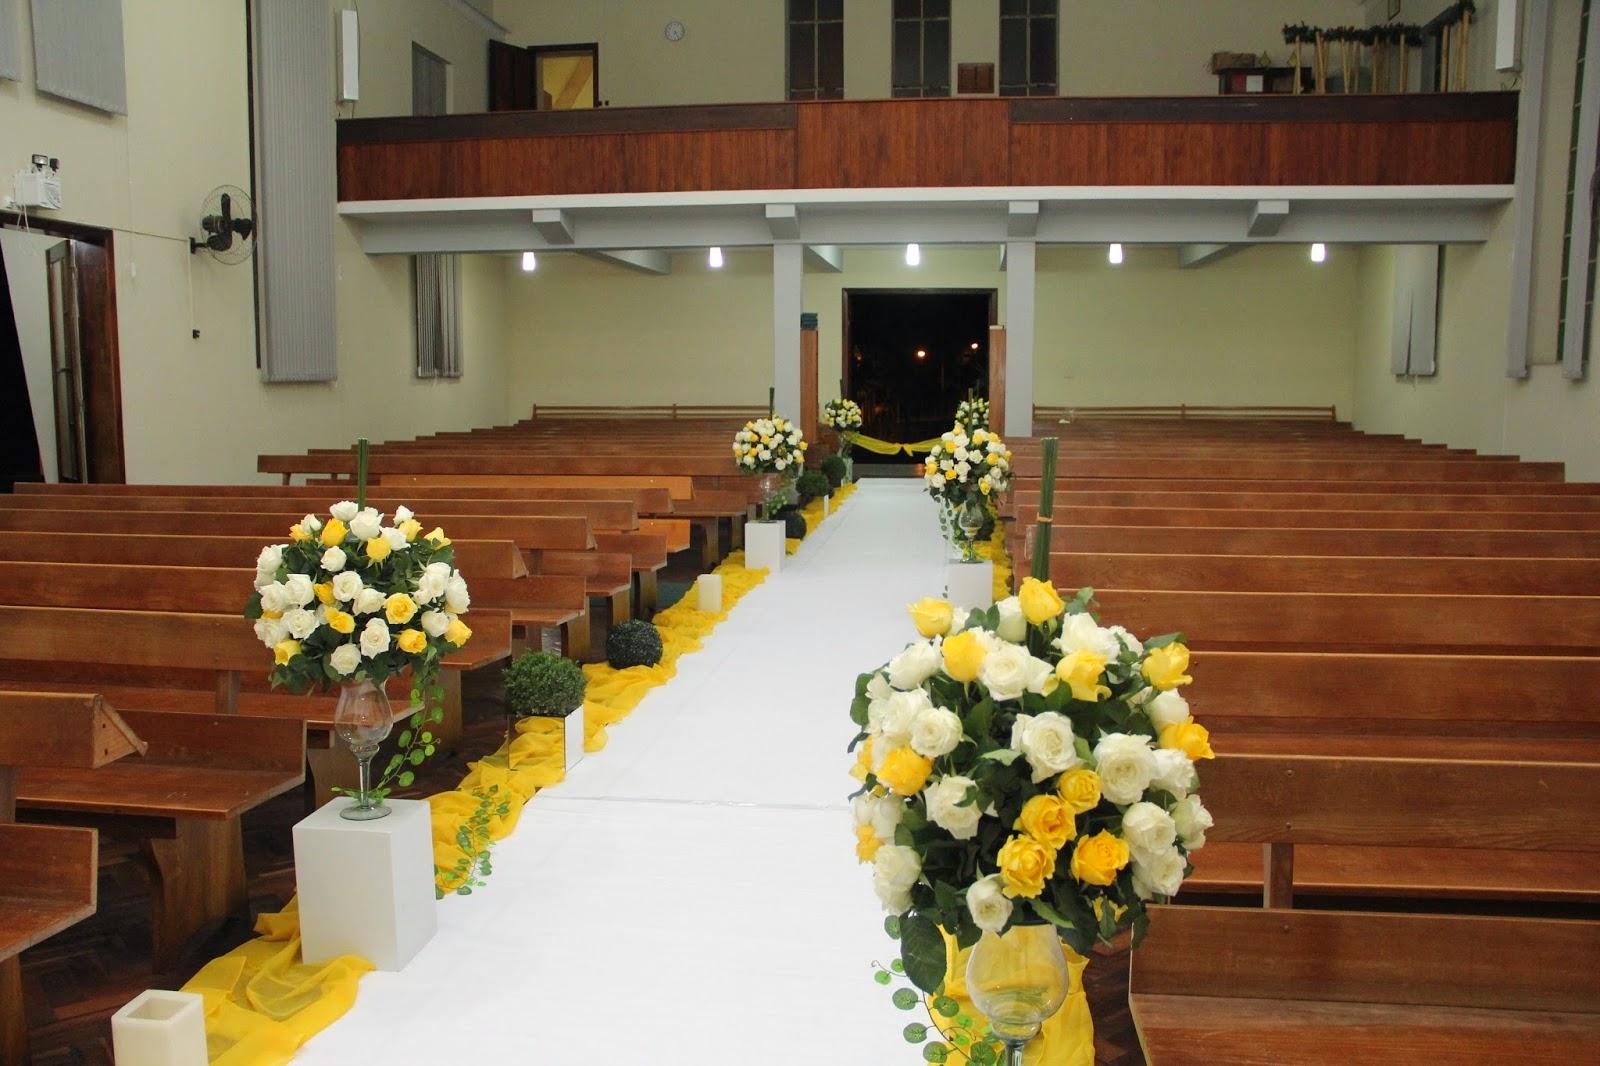 Decoração para casamento,decoração em Joinville,decoração,decorações,fotos de decoração, decoração para salão de festas,decoração para igreja,decoração para bodas de casamento, decoração para 15 anos,decoração para formatura,decoração para aniversários,decoração para festas, decoração de mesas,decoração para eventos,isso e muito mais no fone: 47-30234087 47-30264086 47-99968405..whats